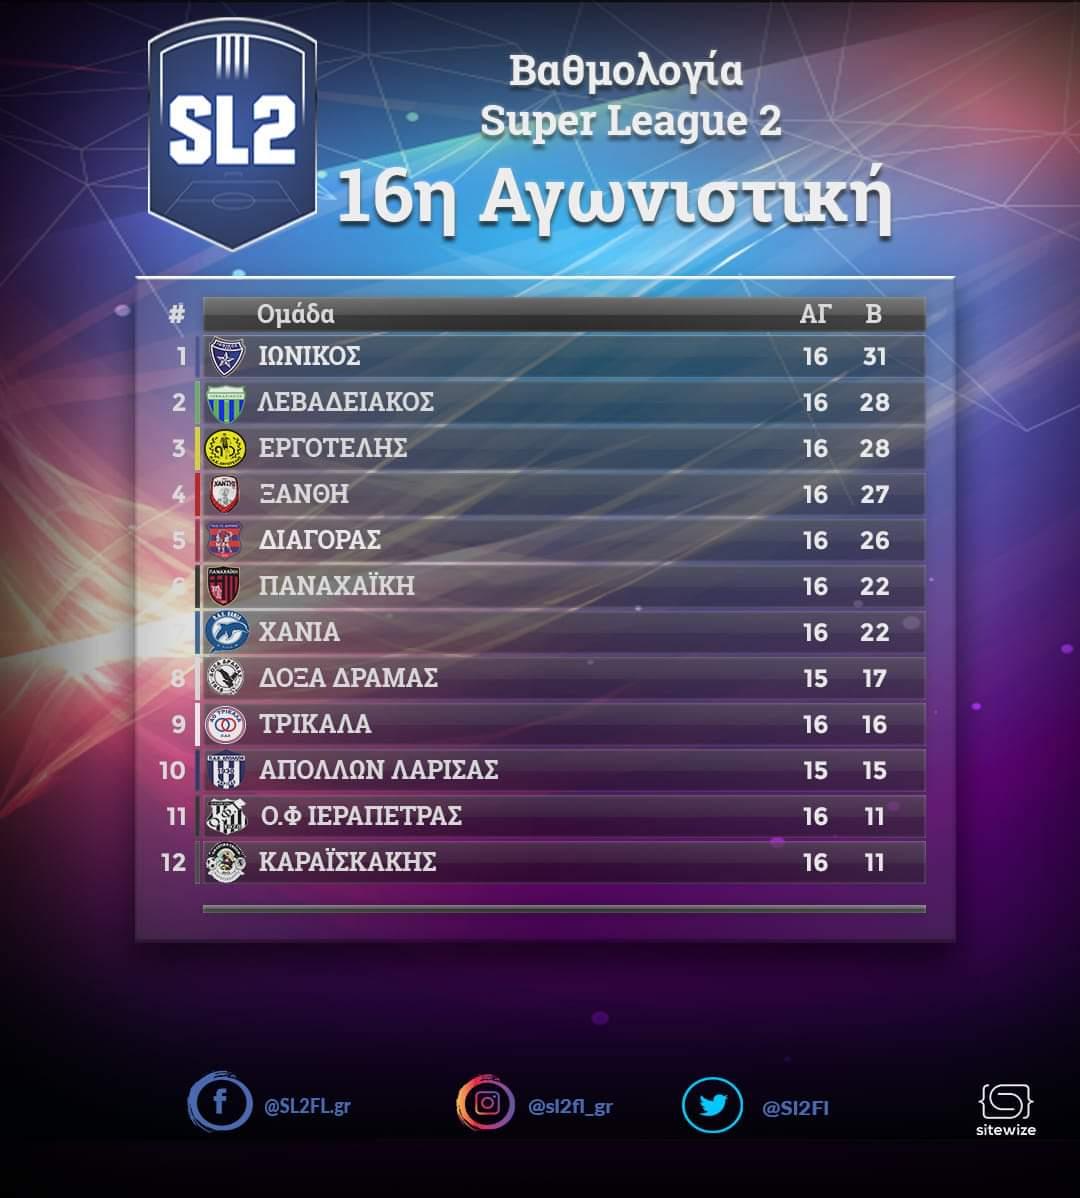 Στην 4η θέση της Super League 2 ο ΑΟΞ